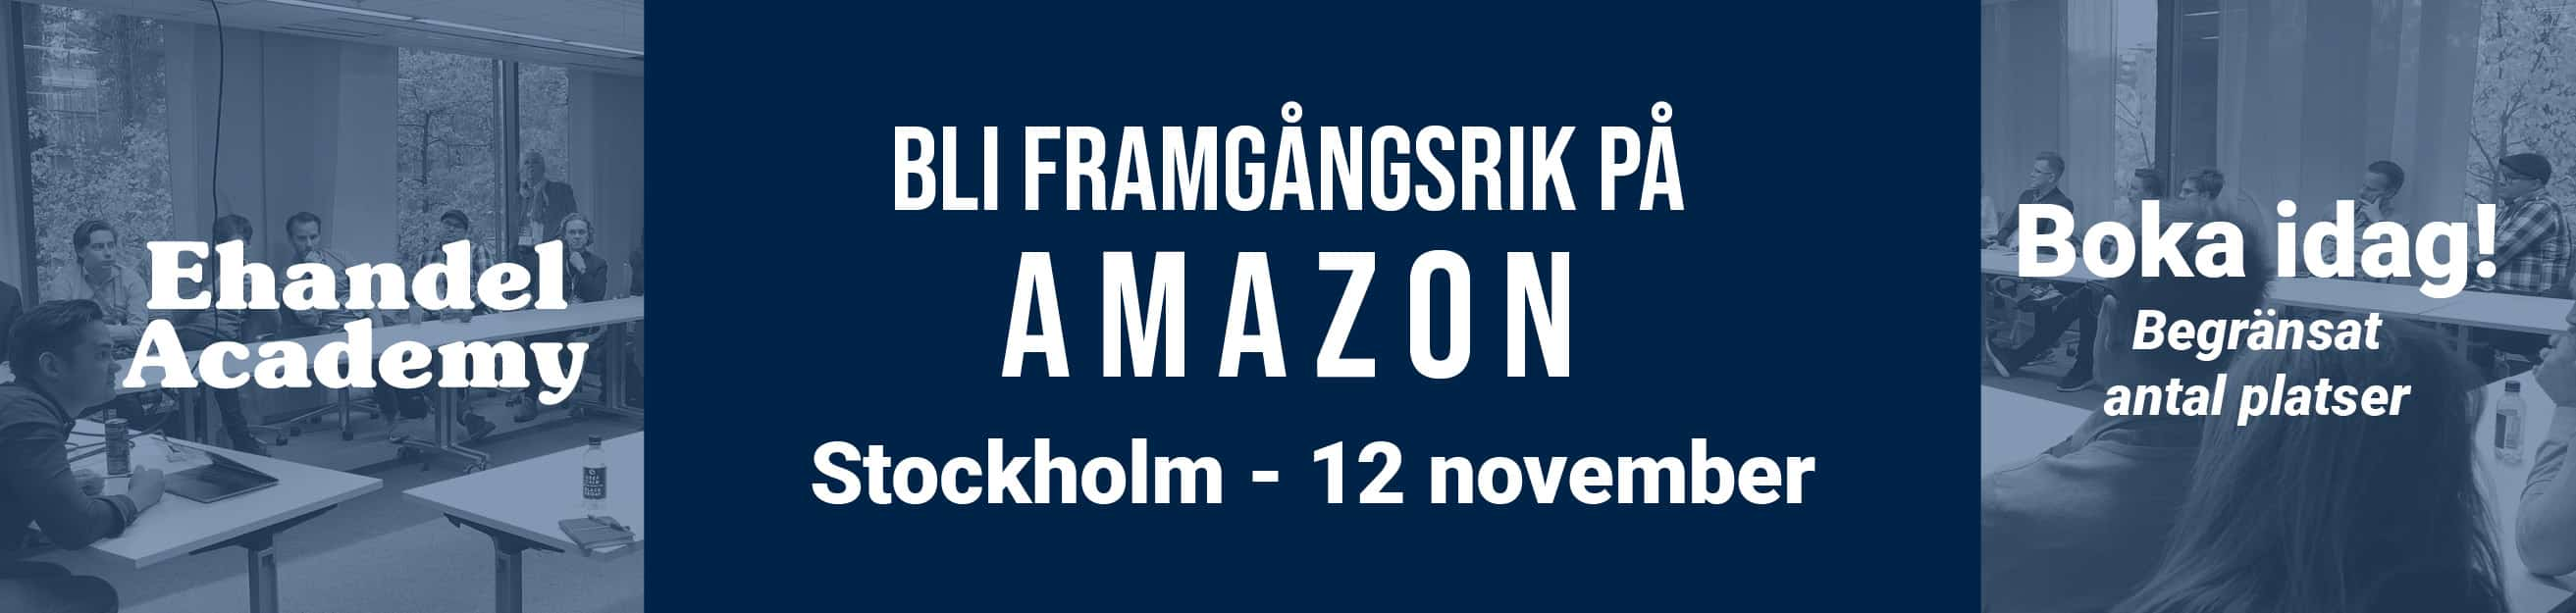 Ehandel Academy - Amazon kurs